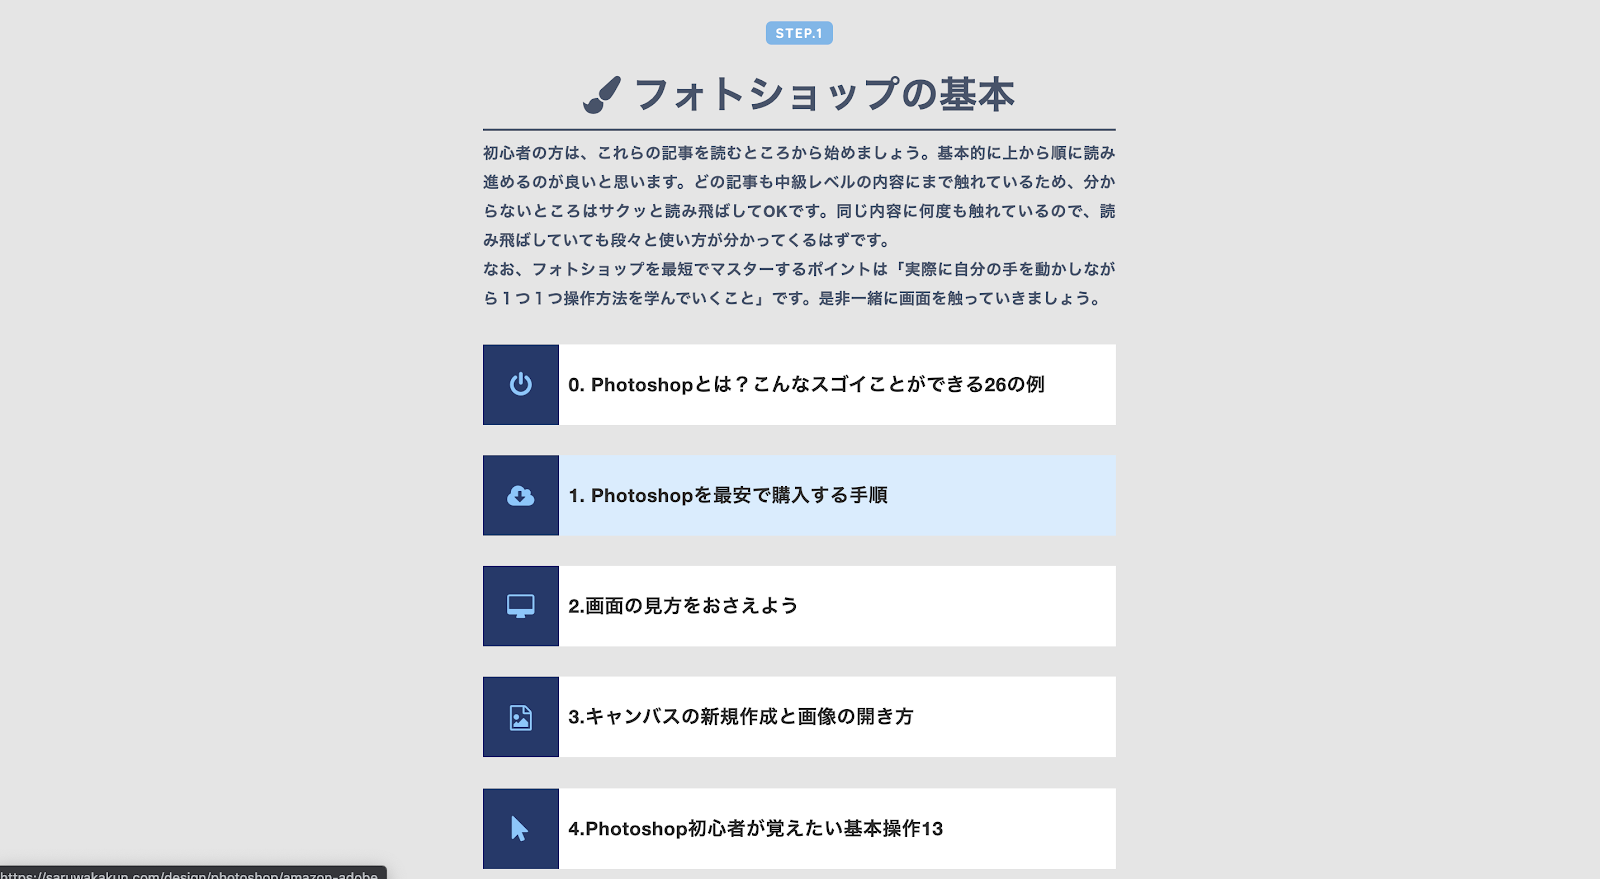 フォトショップ初心者にオススメな講座サイト9選!